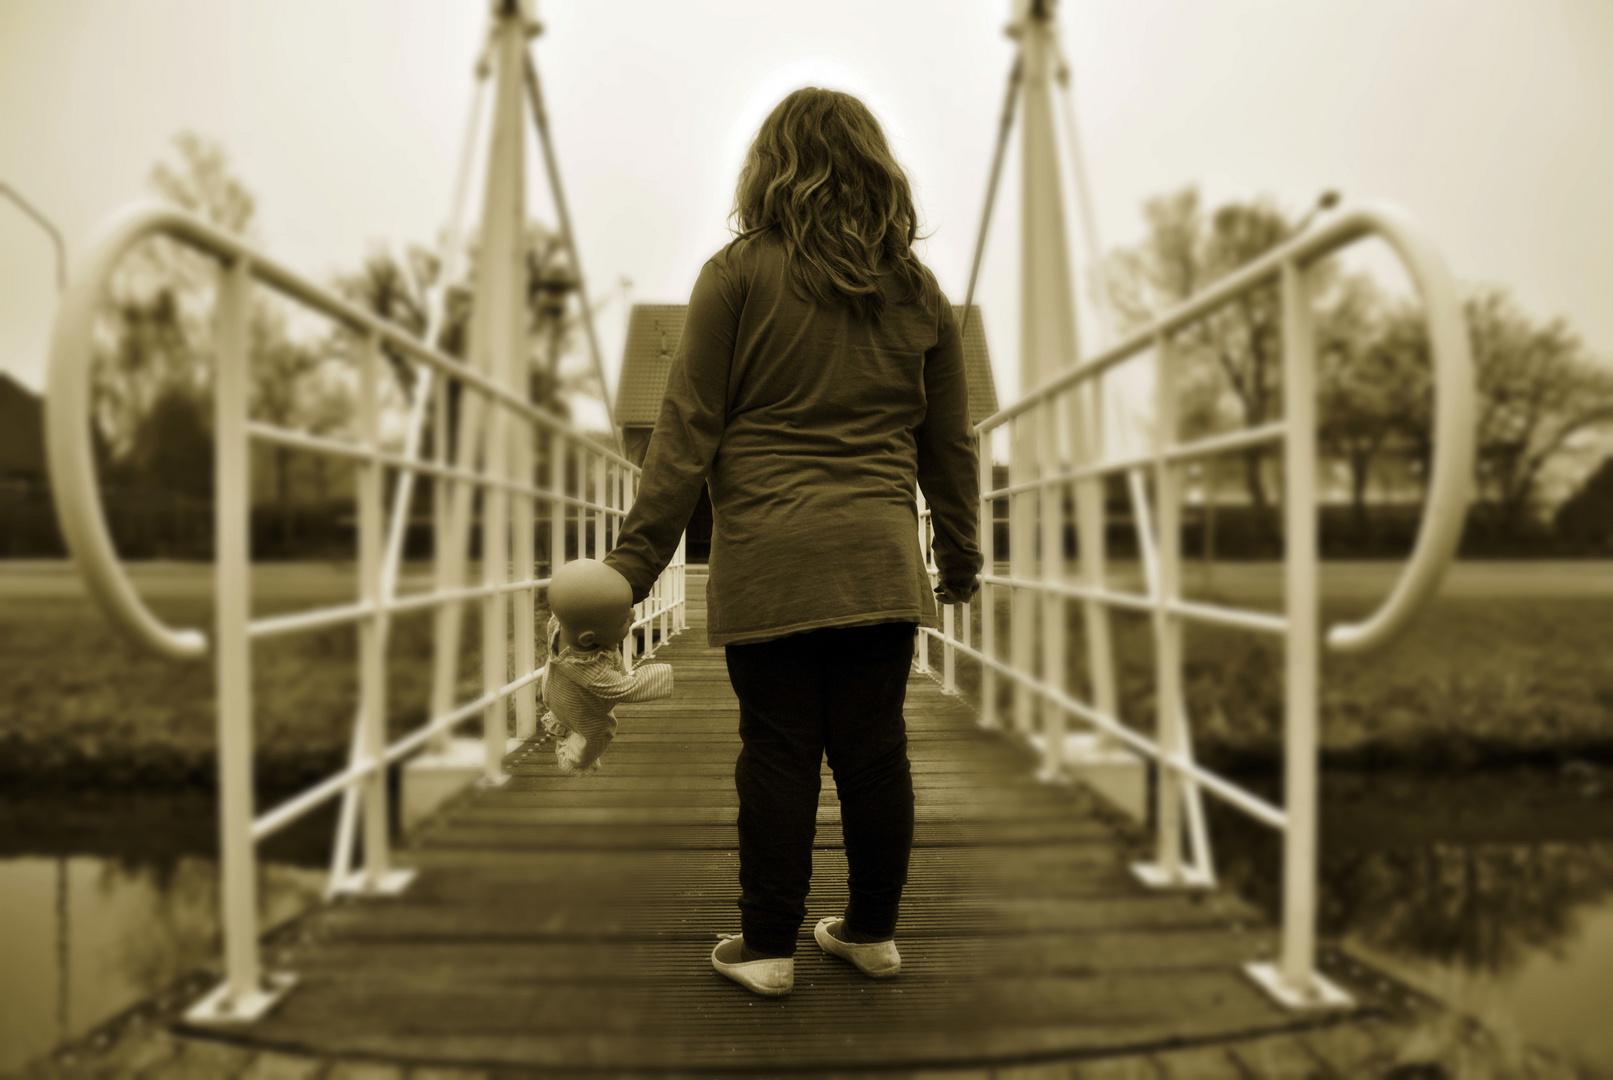 über die Brücke gehen ??